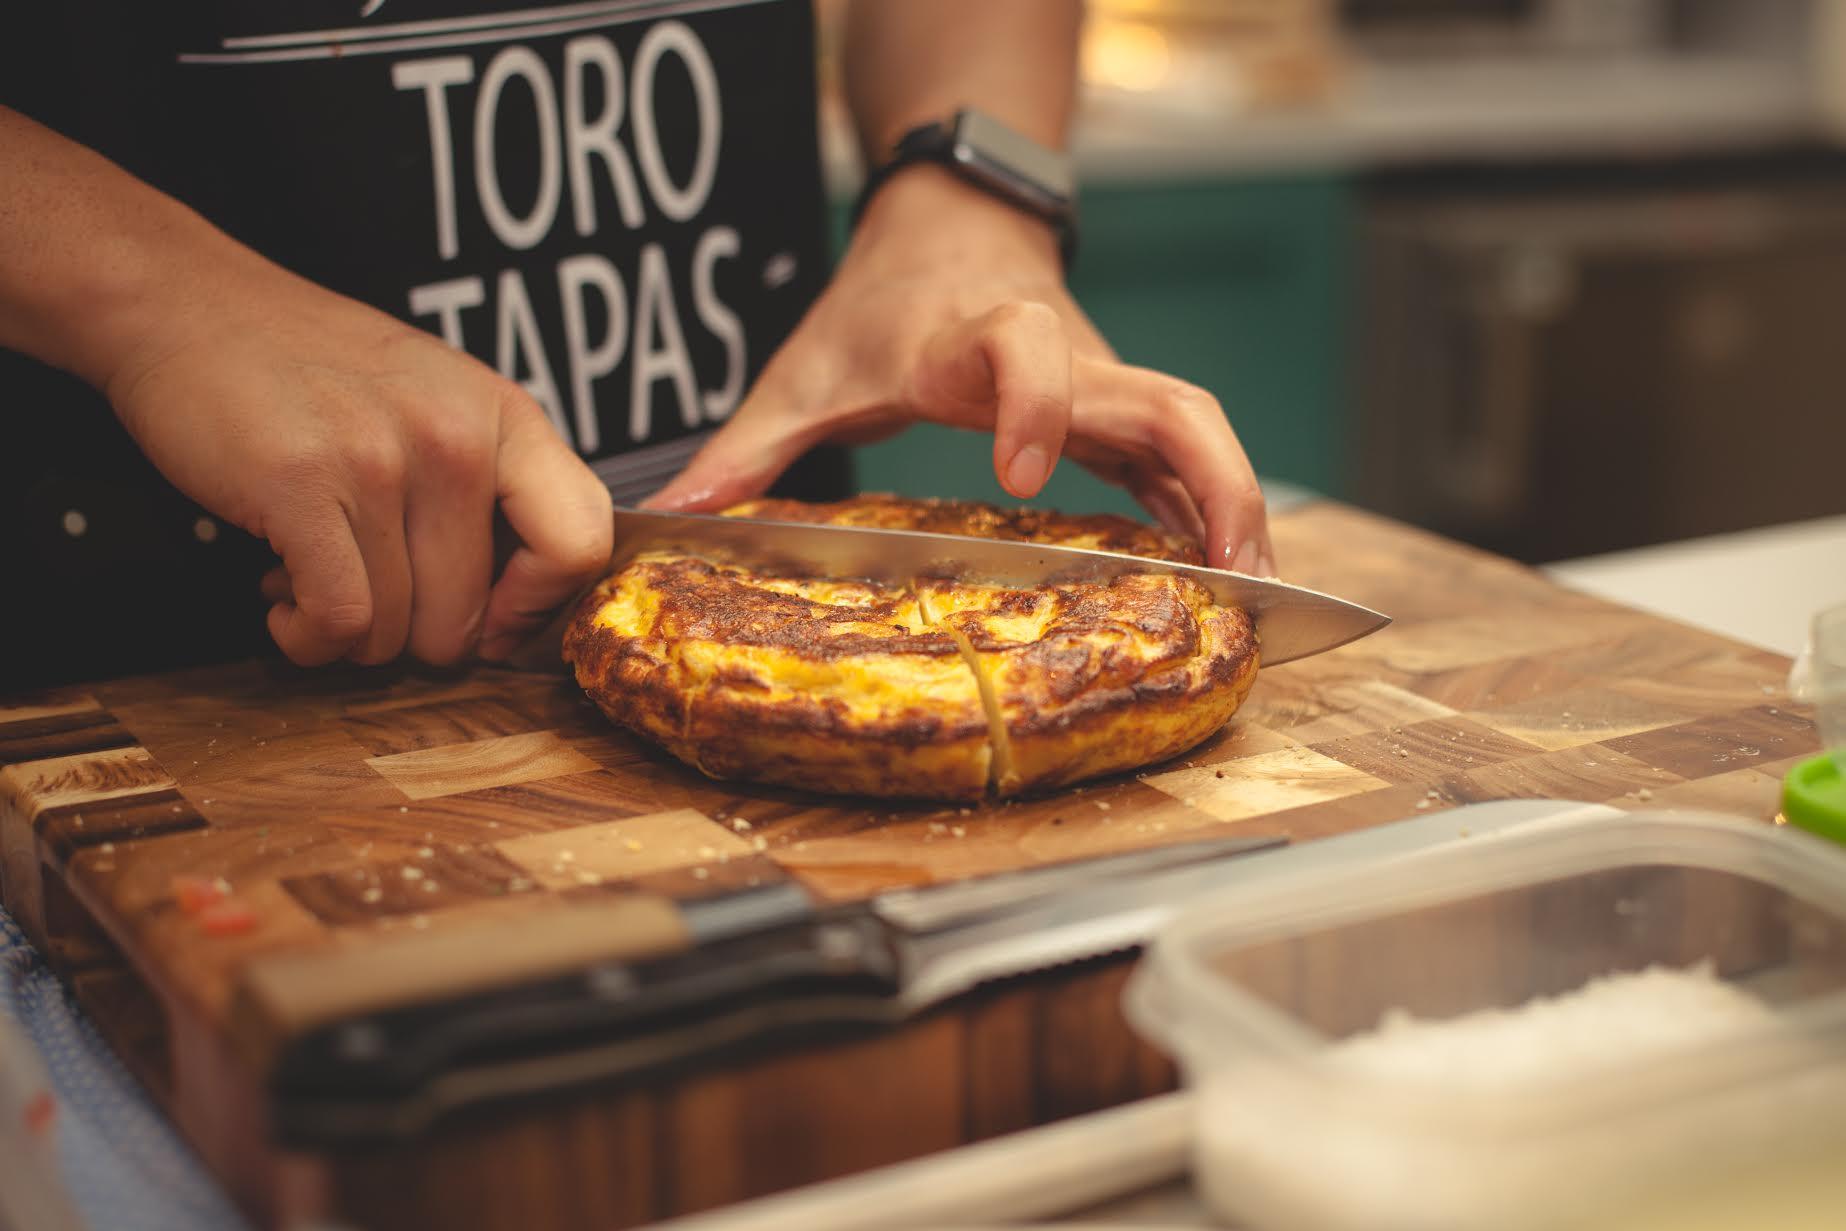 Toro Tapas Fills Our Stomachs